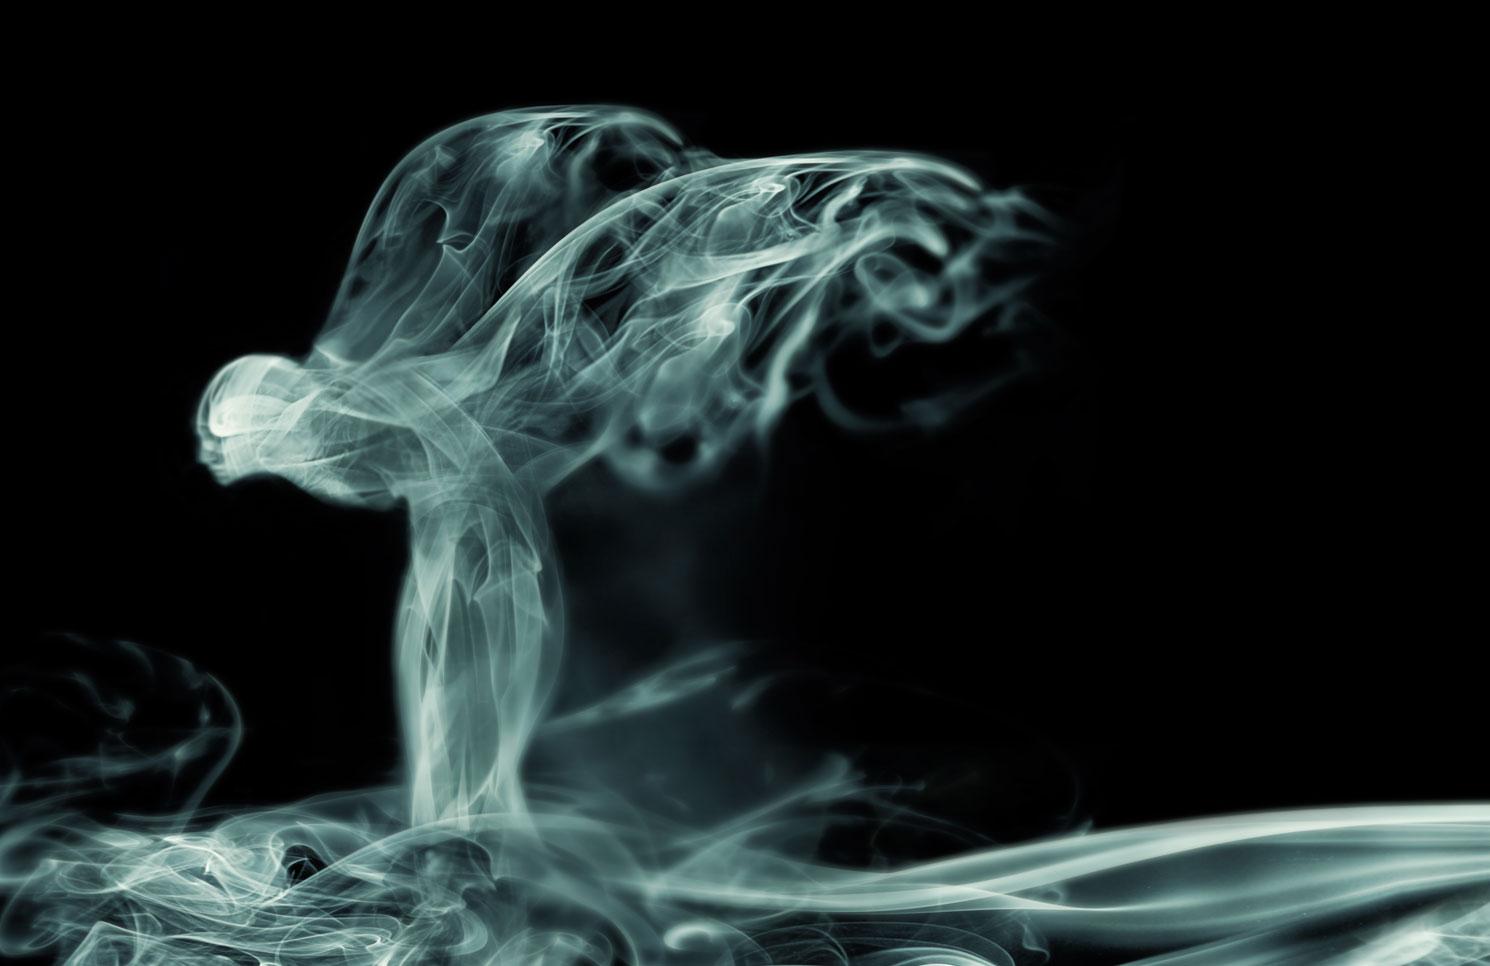 rolls-royce ghost wraith teaser image 1